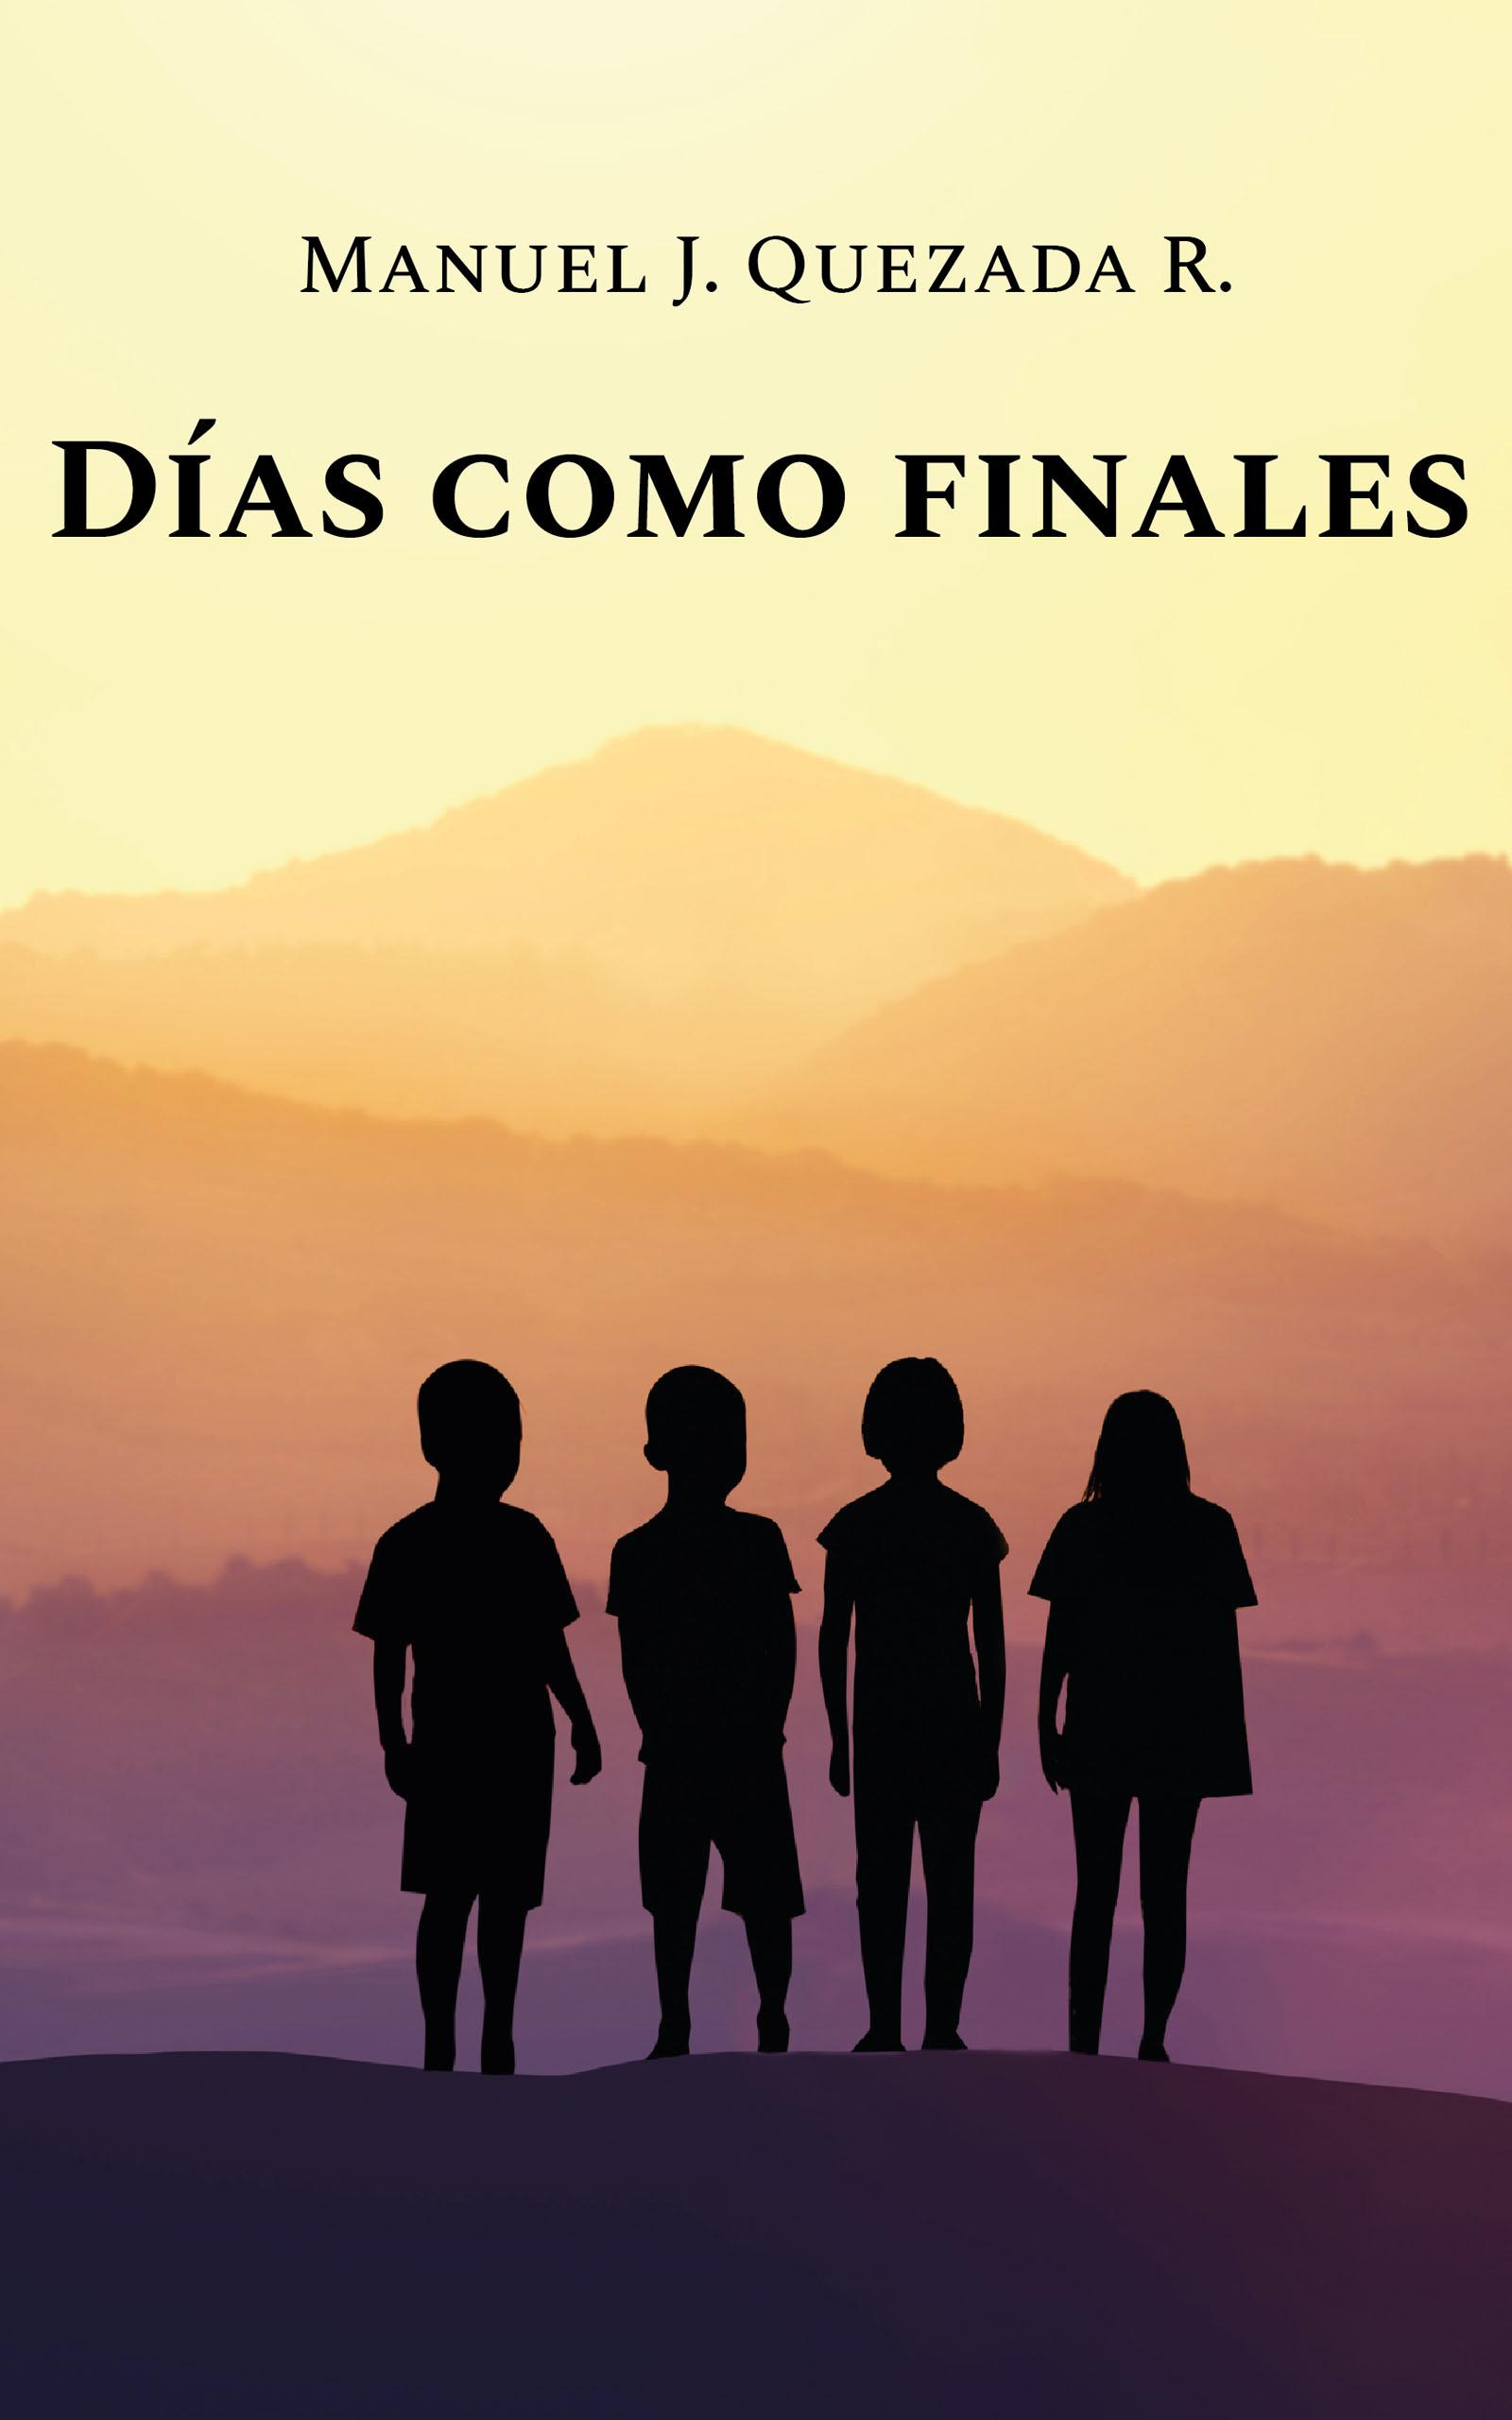 Días como finales, de Manuel Quezada